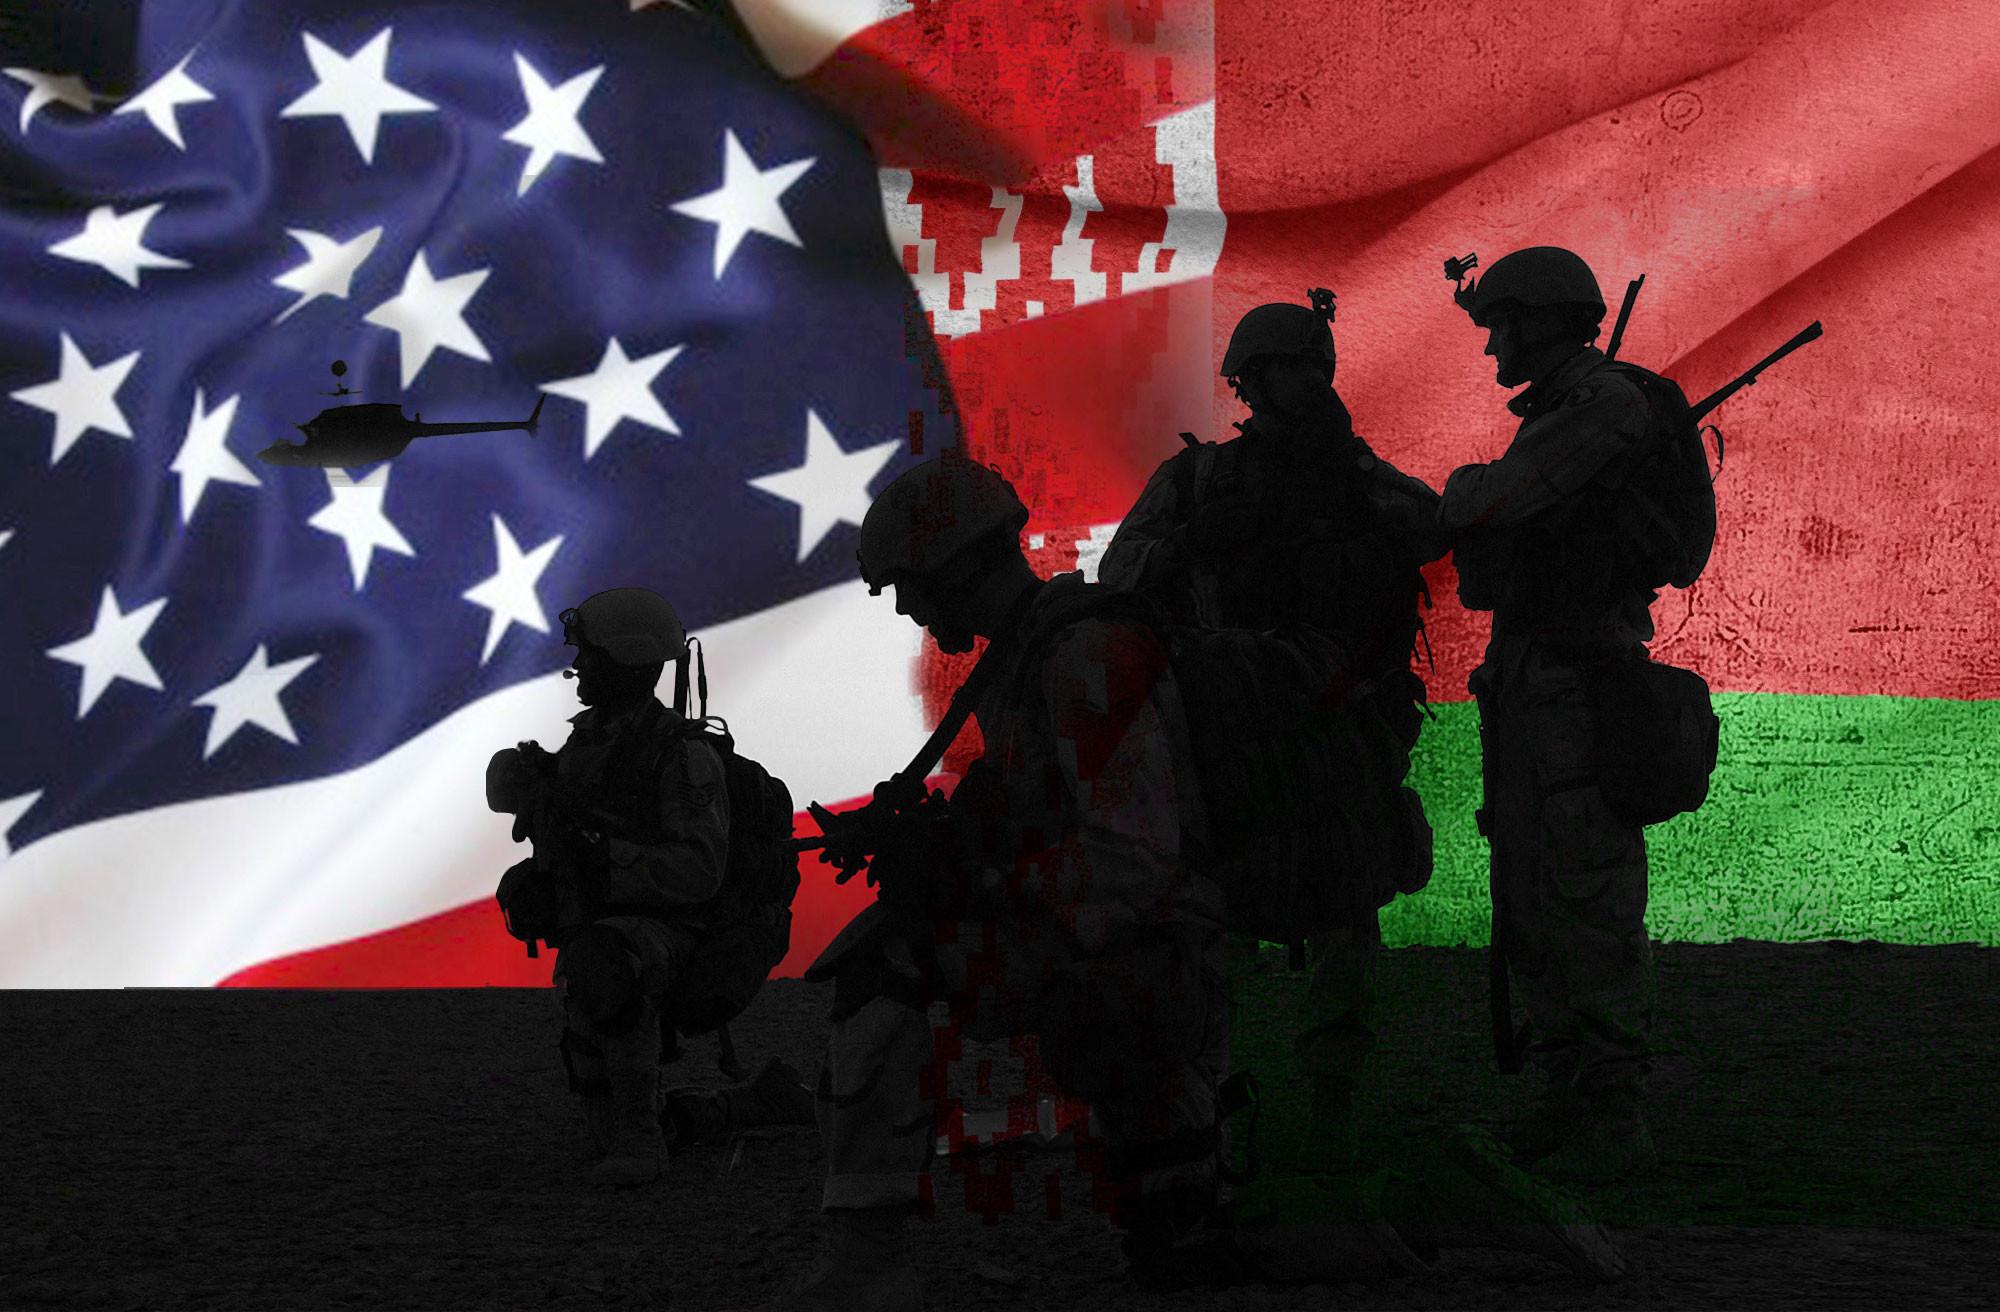 Слив внутреннего документа ВСУ демонстрирует подготовку Украины совместно с НАТО к войне с Белоруссией